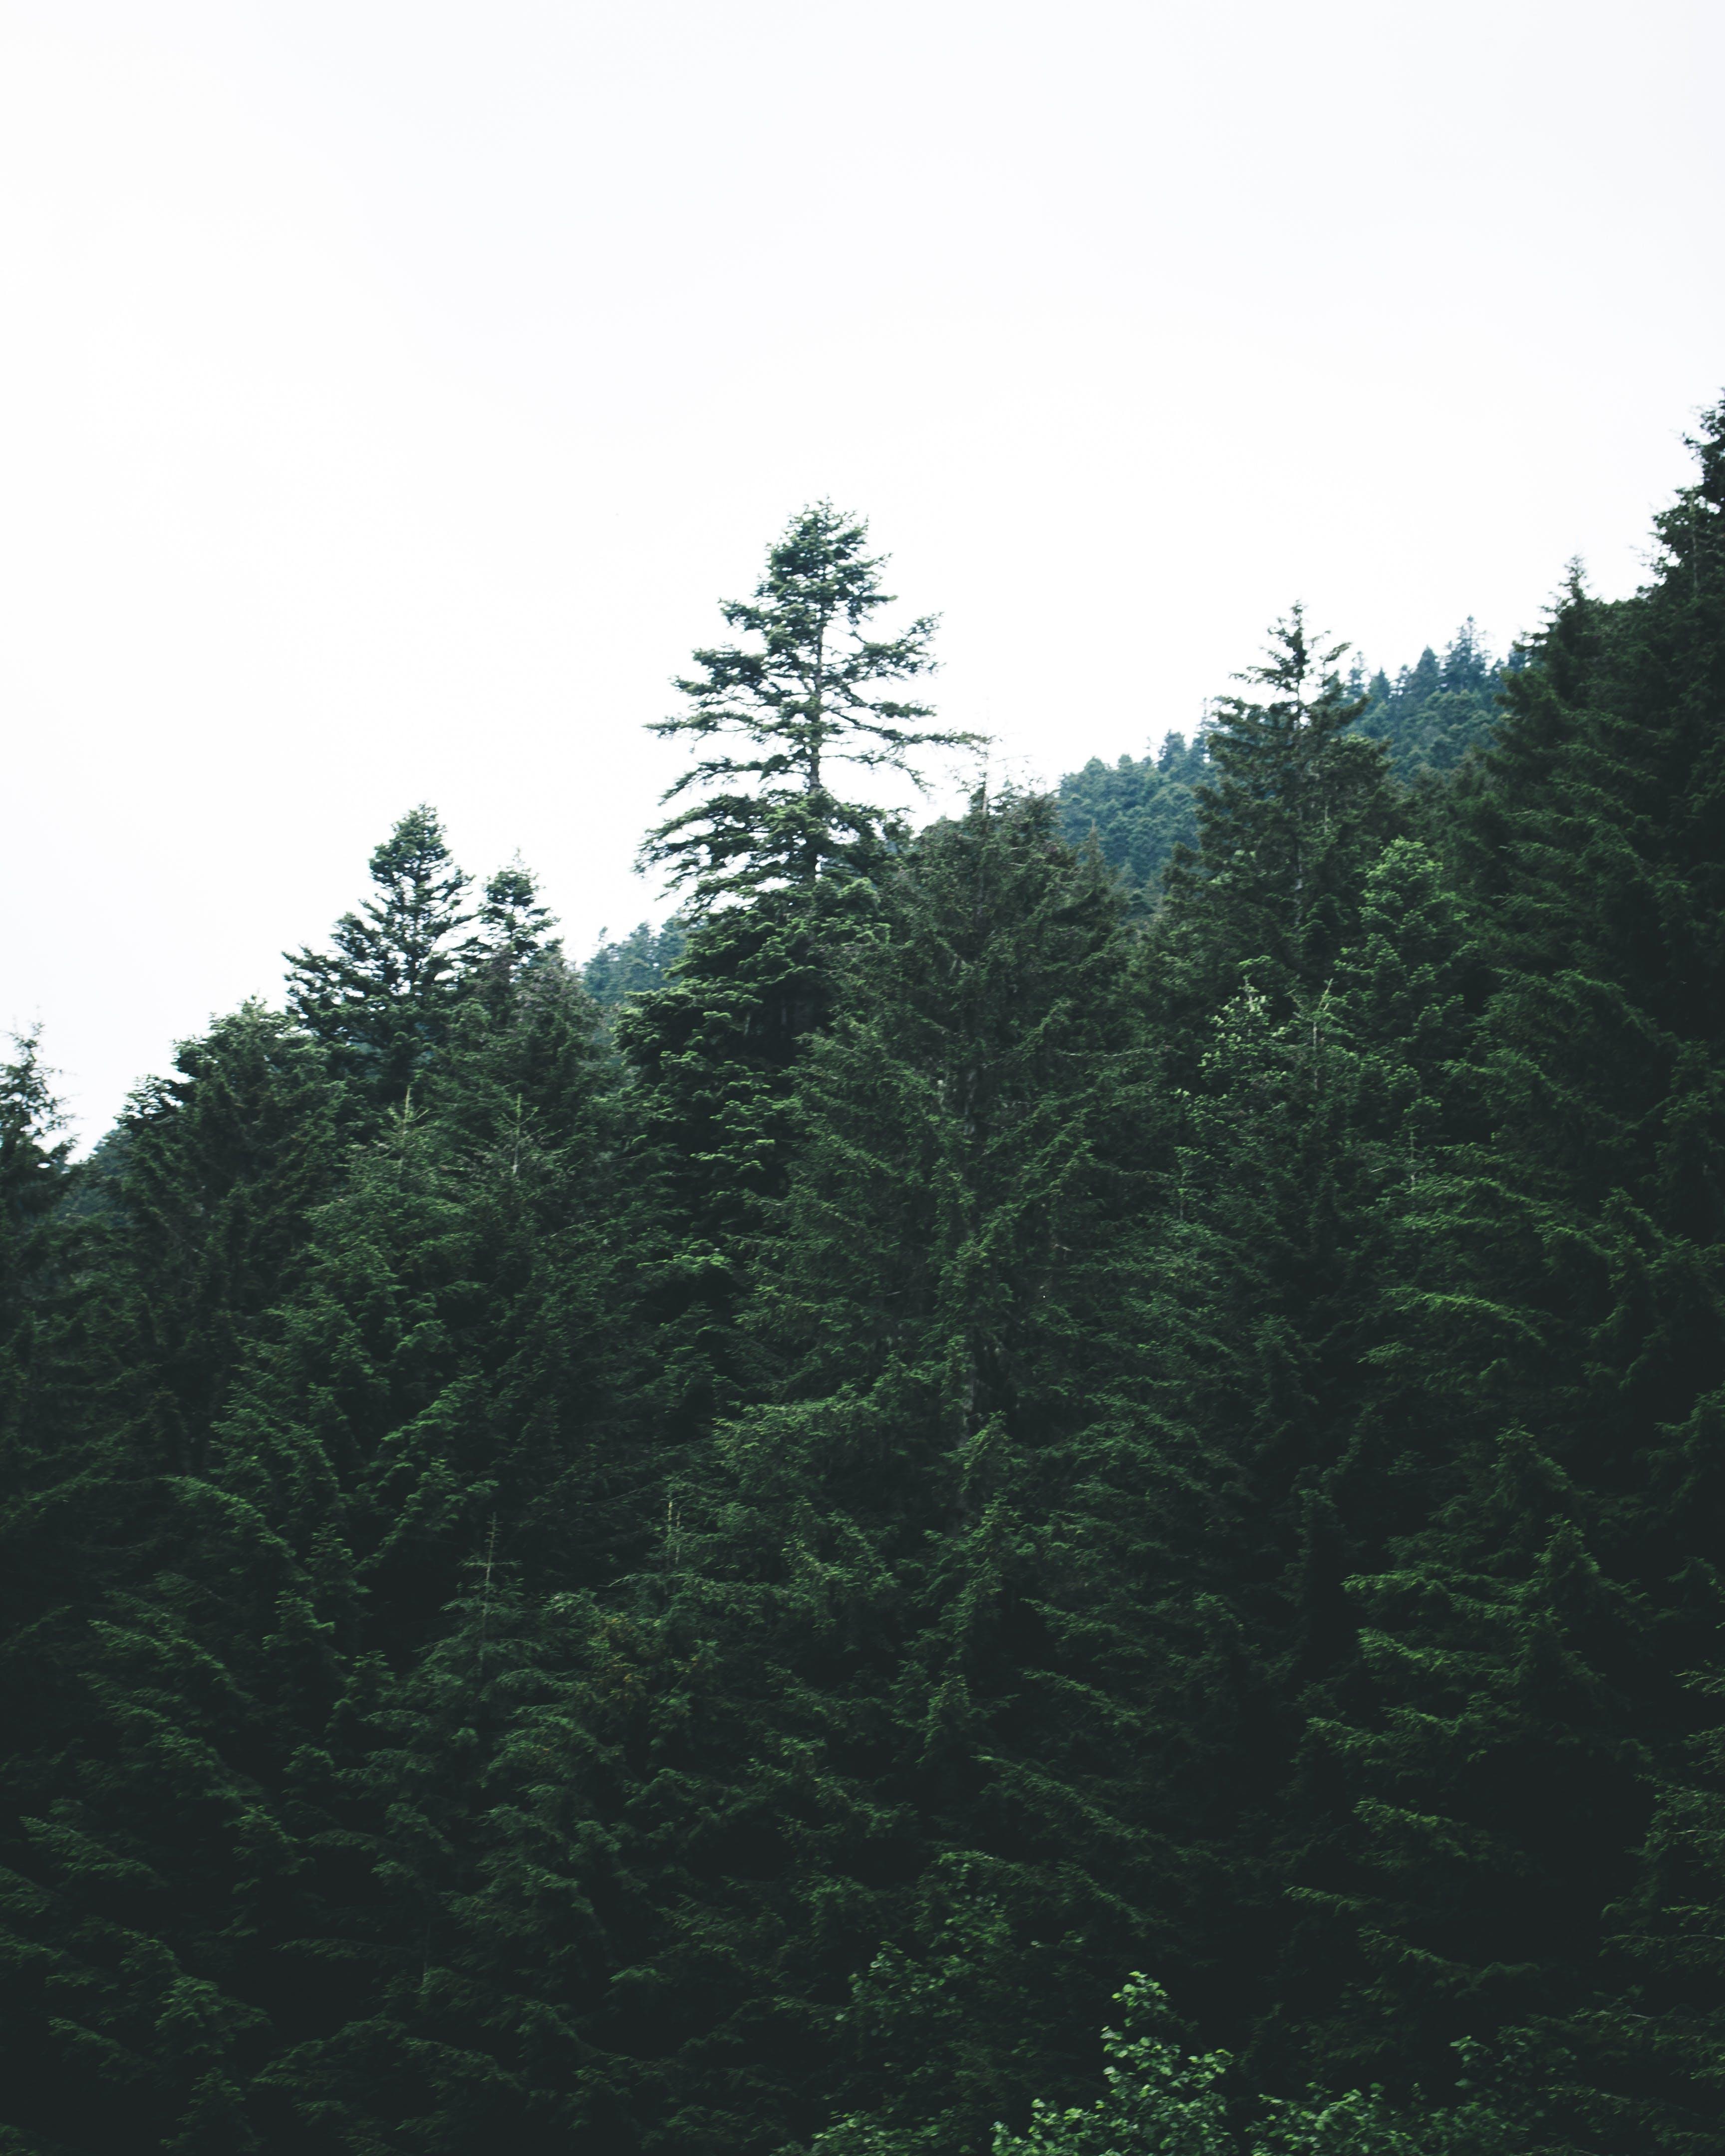 Δωρεάν στοκ φωτογραφιών με δασικός, δέντρα, ξύλα, σε εξωτερικό χώρο